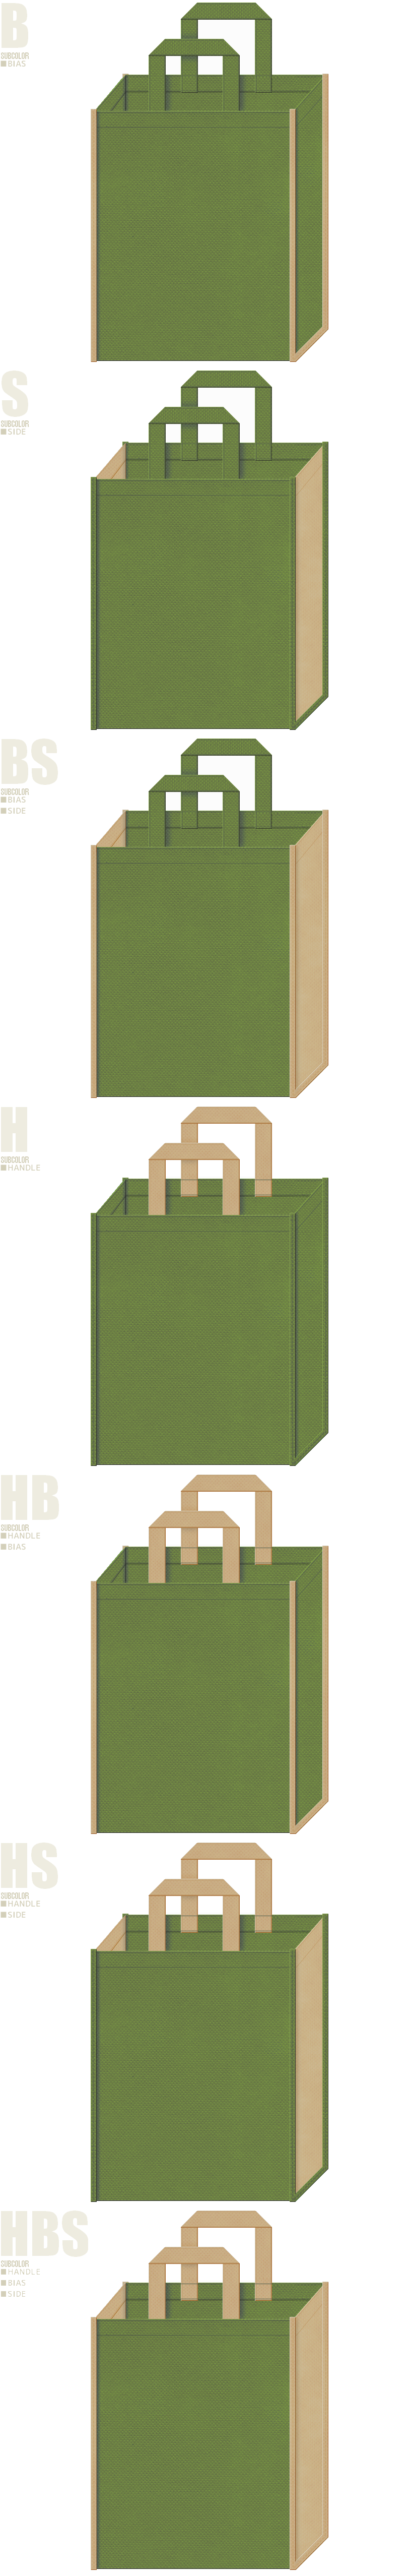 和菓子・竹製品・民芸品・樽・簾・桶・篭・草庵・茶器・陶芸の展示会用バッグにお奨めの不織布バッグデザイン:草色とカーキ色の不織布バッグ配色7パターン。